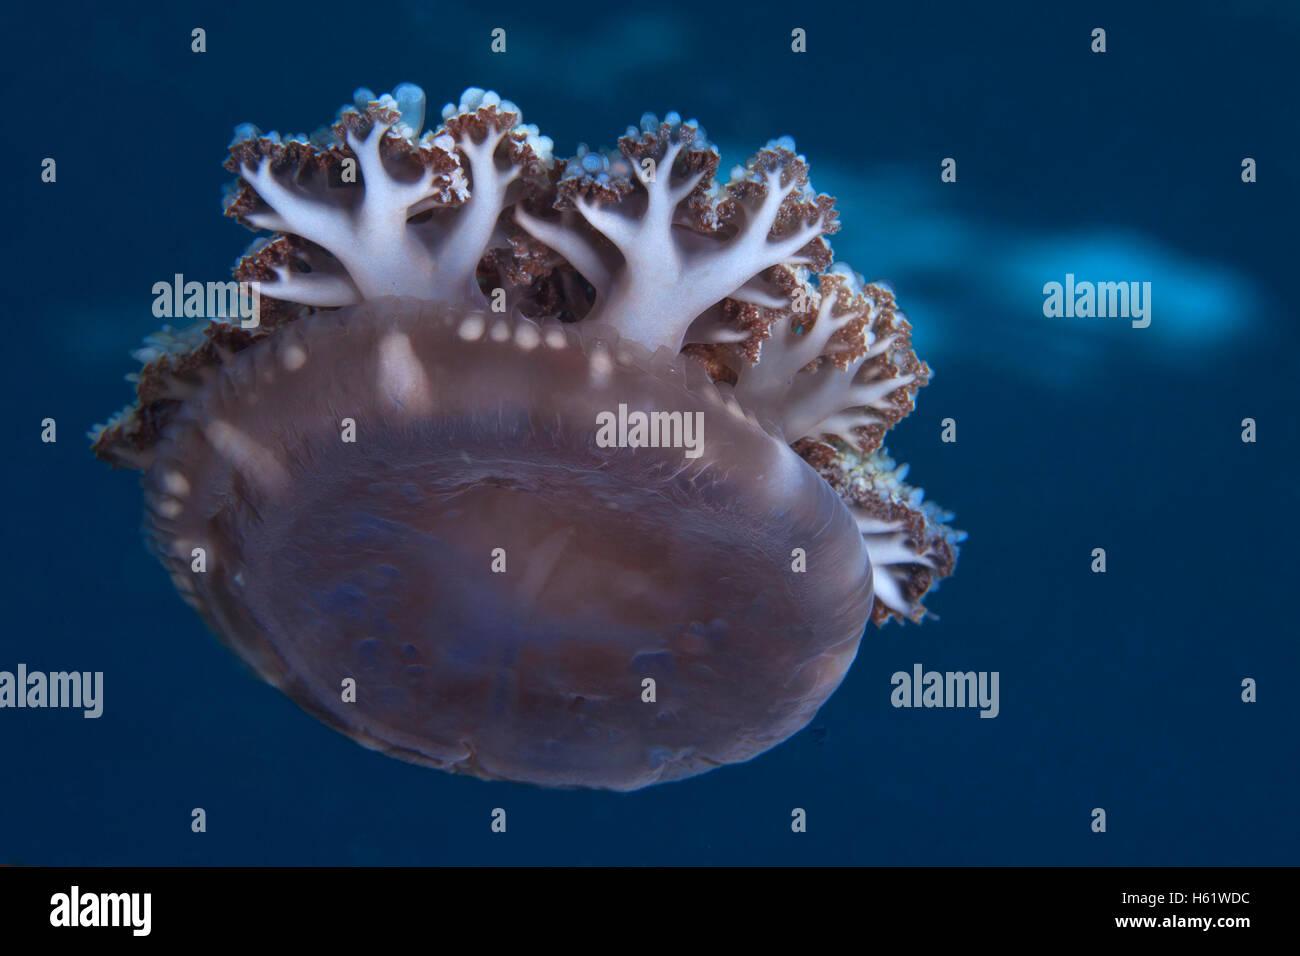 Kopf-Quallen hat keine Tentakeln Drifts mit Meeresströmungen. Stockbild